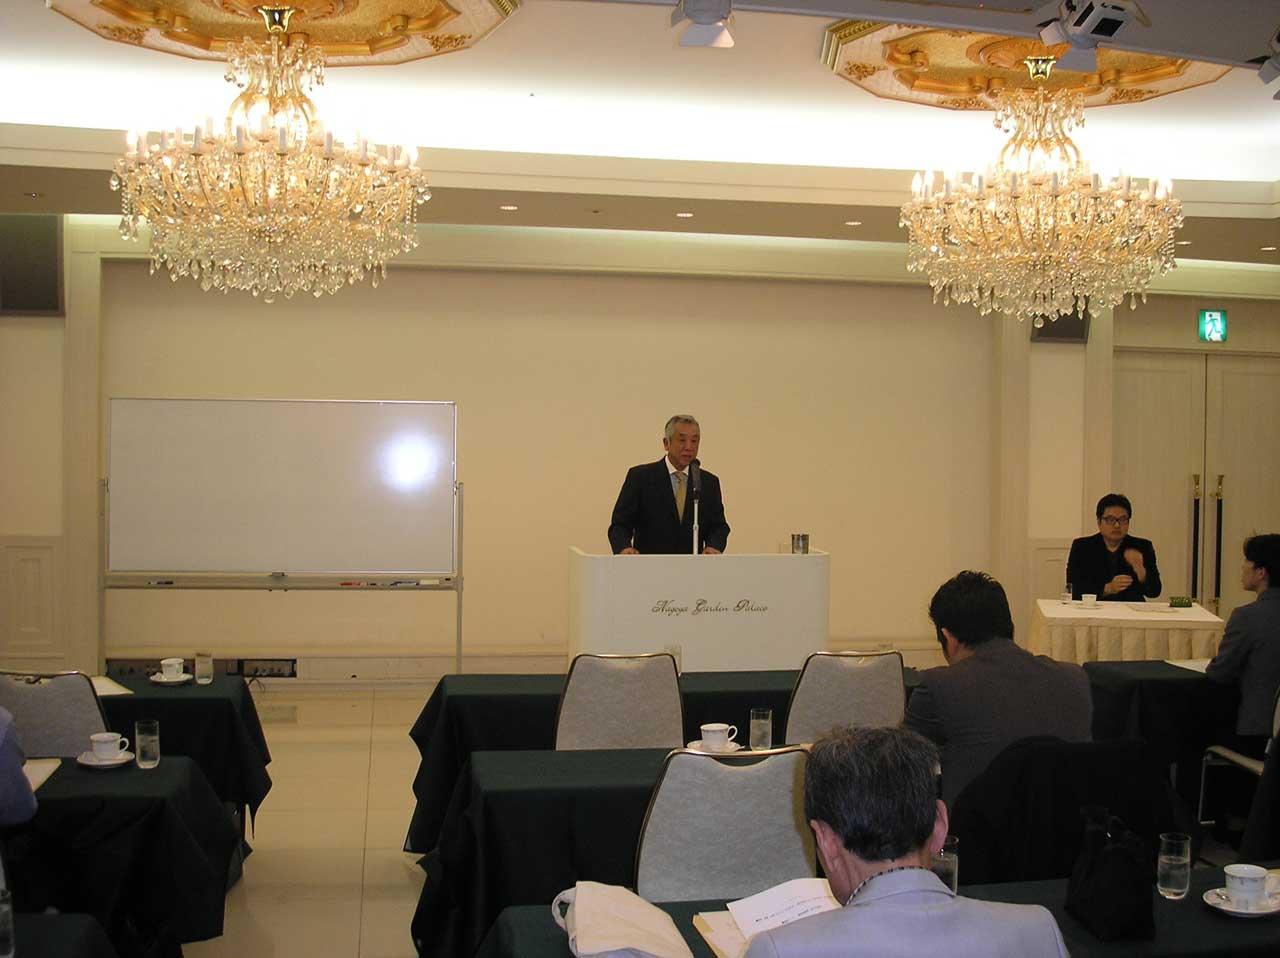 講演会を前に挨拶する伊藤太一理事長と鬼頭様